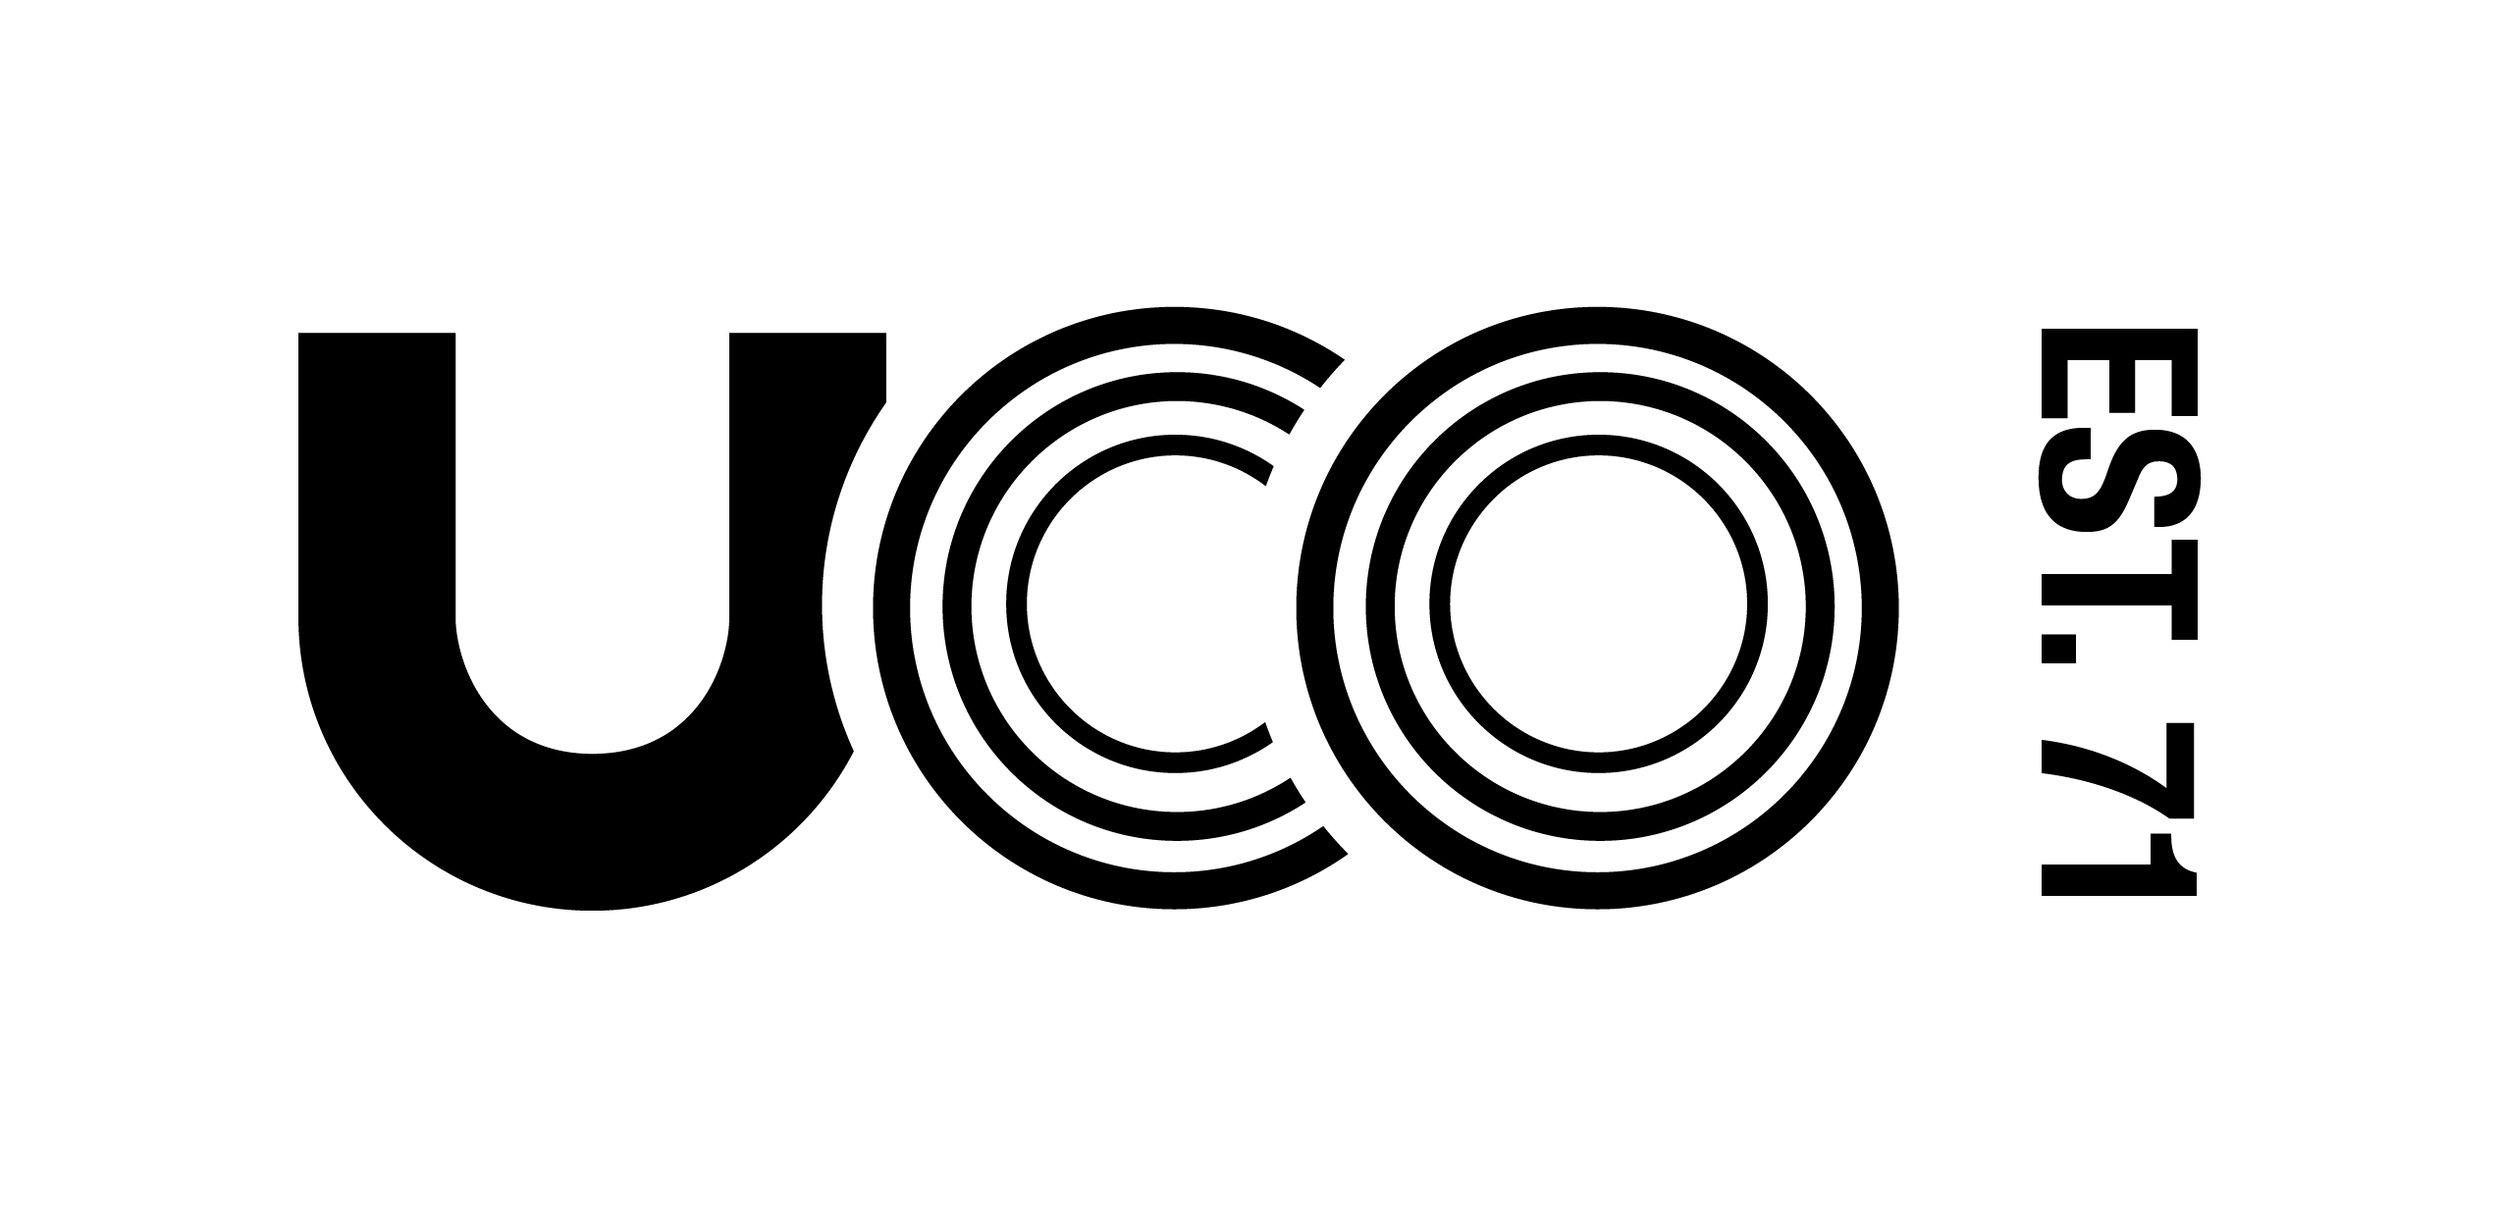 UCO-logo_Est-71_Black-01.jpg